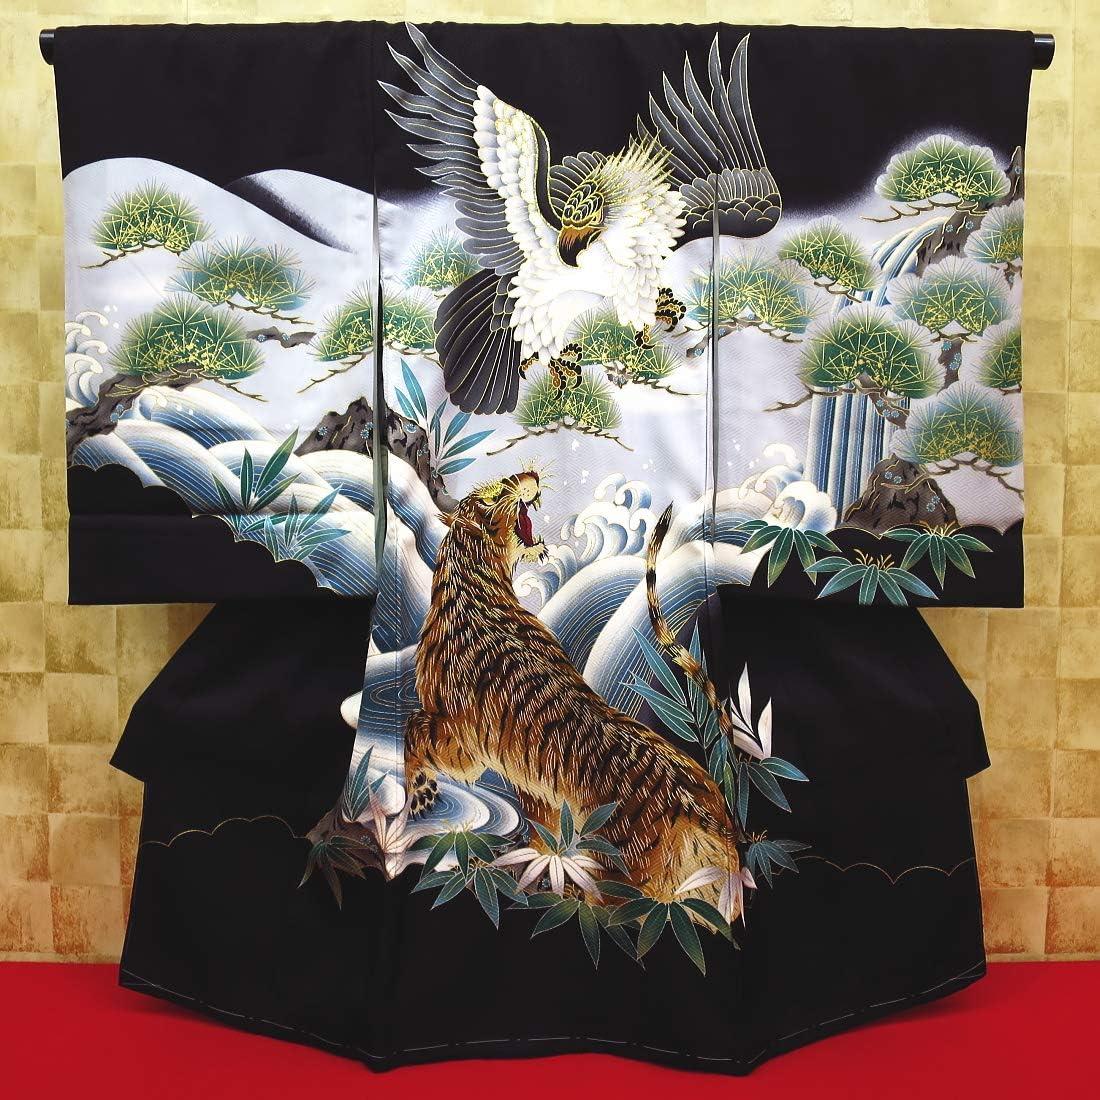 【鷹と虎・吉祥松・黒】男児 初着 祝着 のしめ 産着 男の子のお宮参り着物・高級フードセットプレゼント付